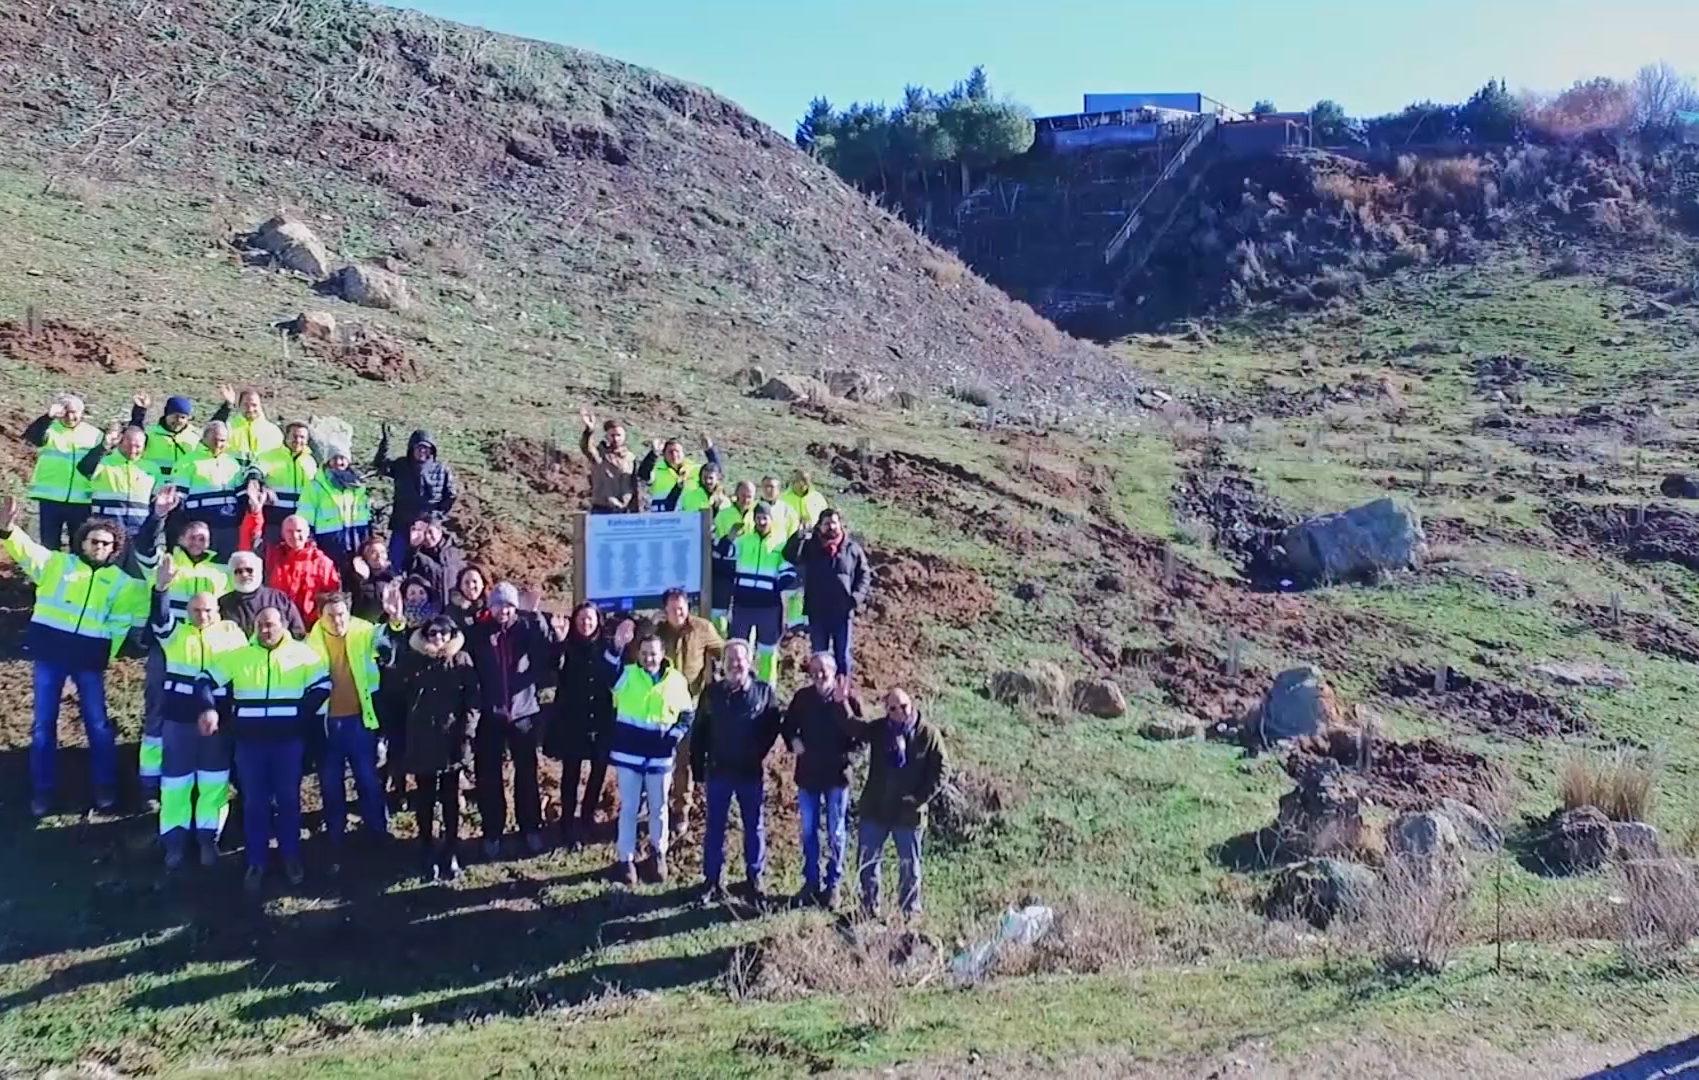 Fundación Aquae siembra oxígeno en Zamora